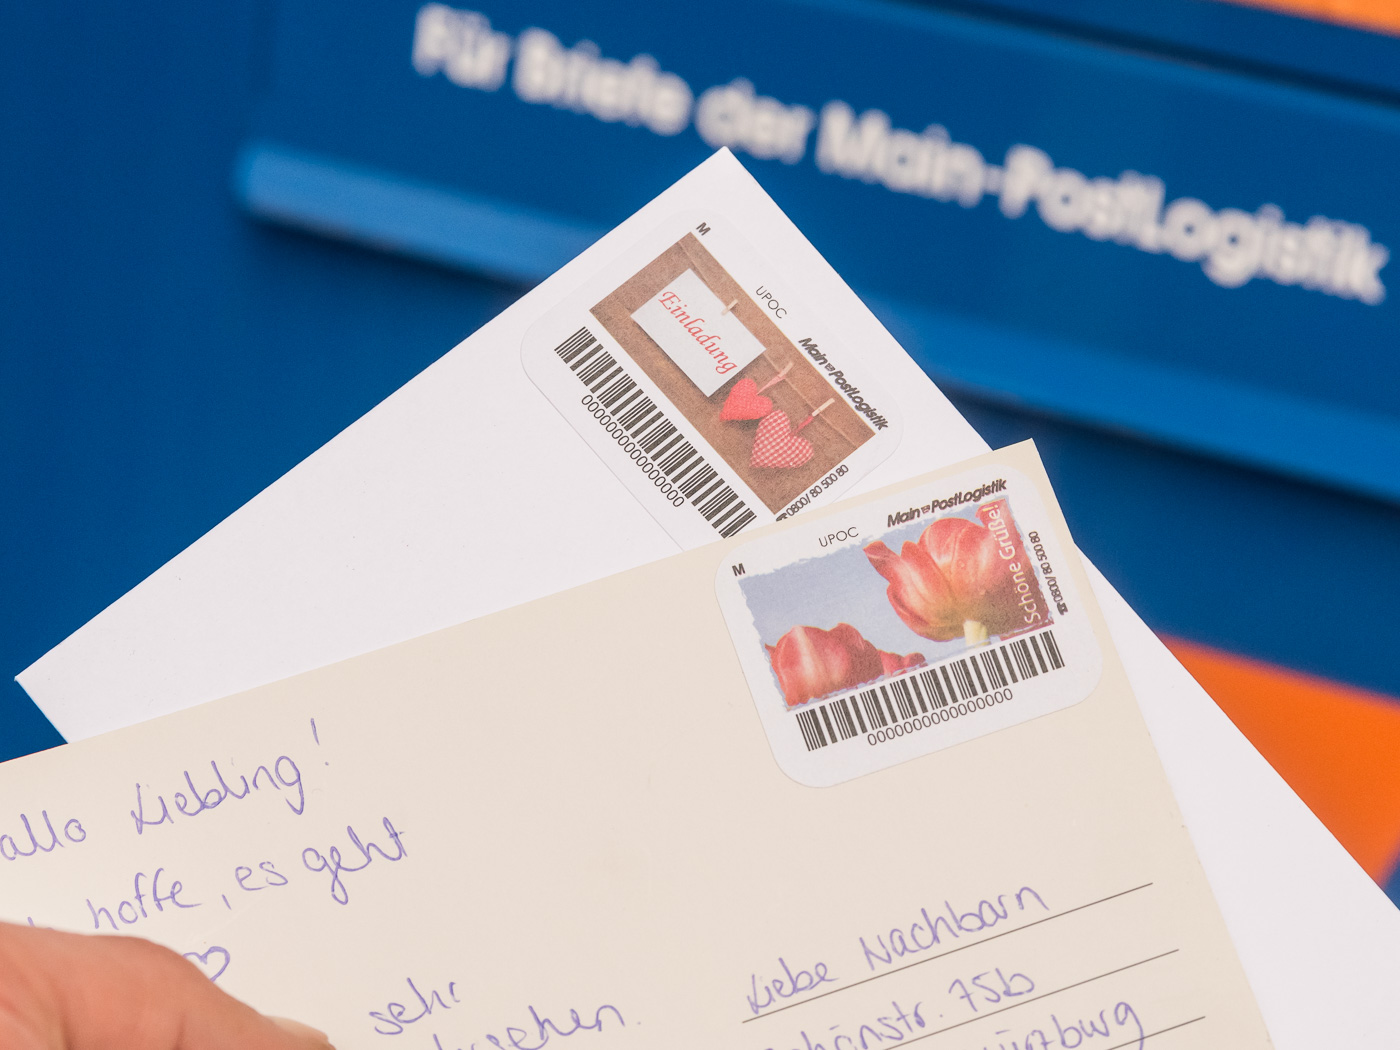 Mit den MainLabels der Main-PostLogistik bekommen Briefe und Postkarten einen persönlichen Touch. Foto: Pascal Höfig